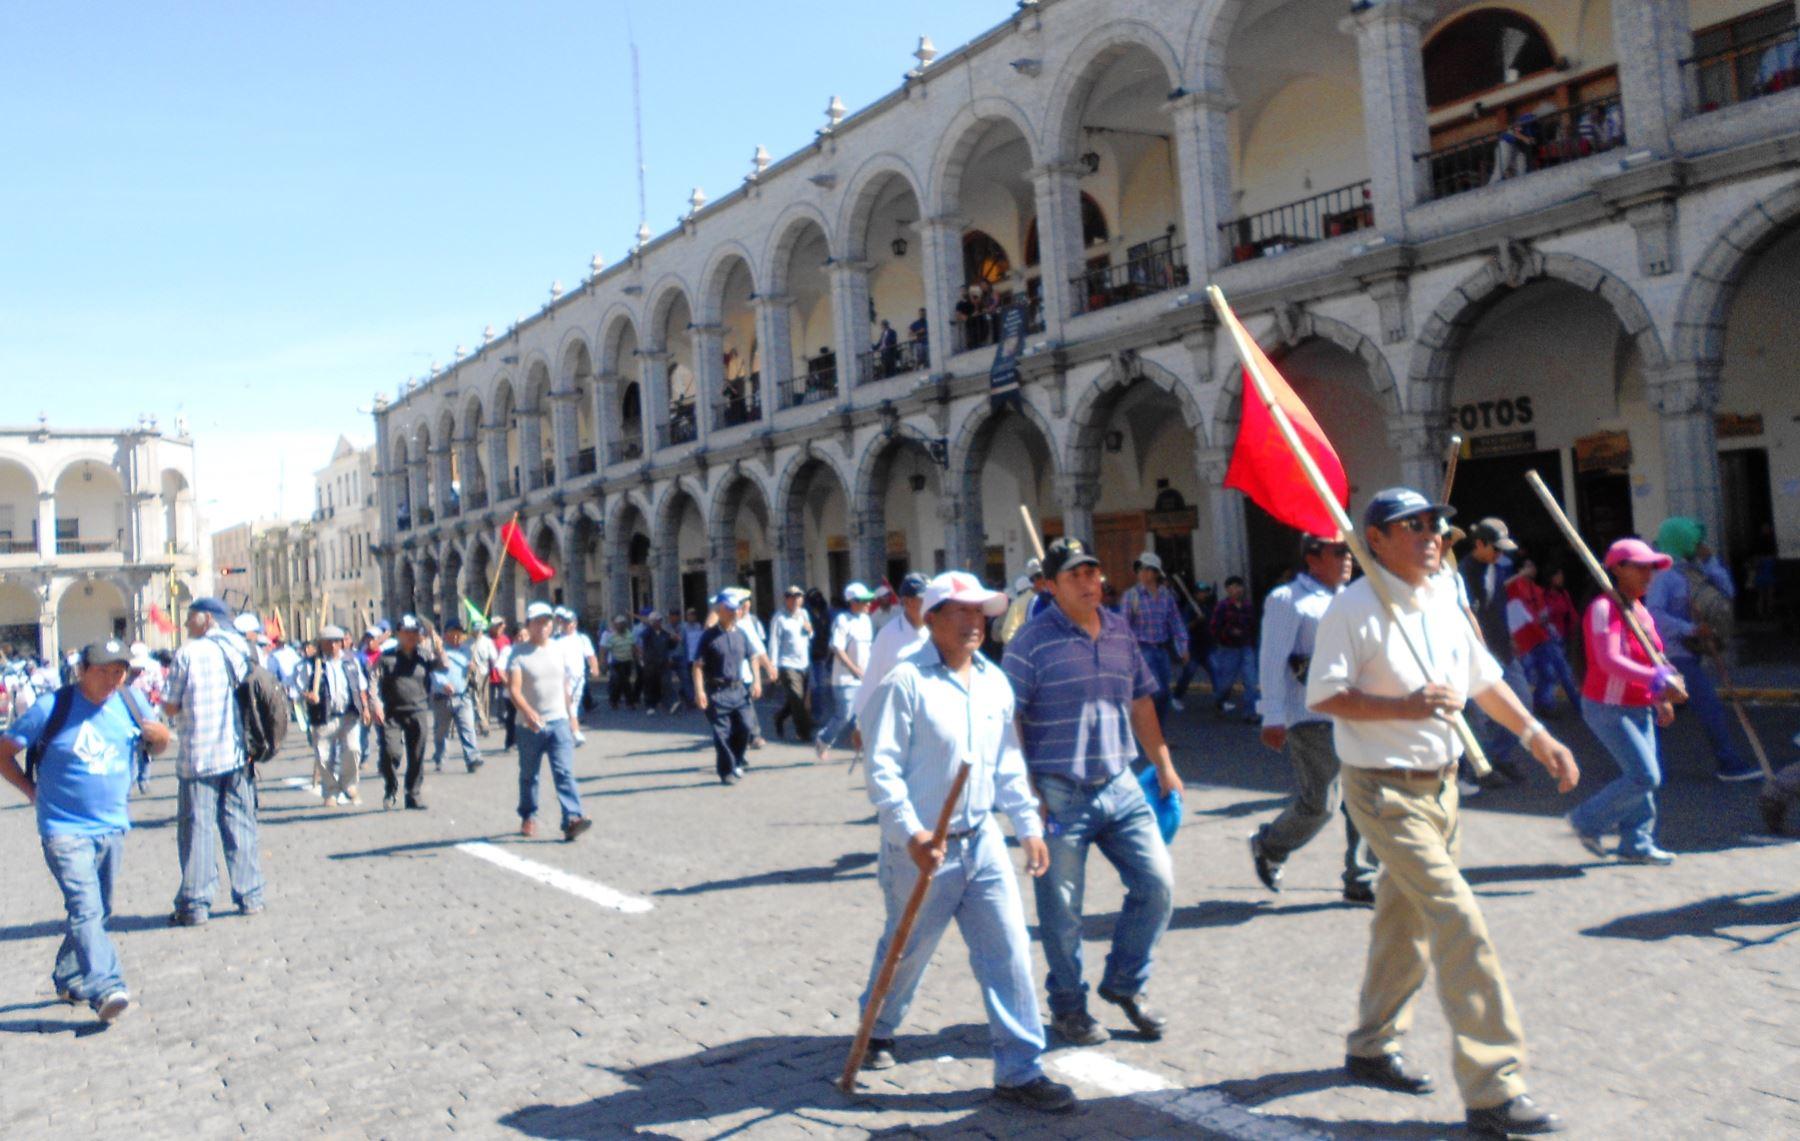 Empresarios de turismo de Arequipa temen por reinicio de protestas. ANDINA/archivo